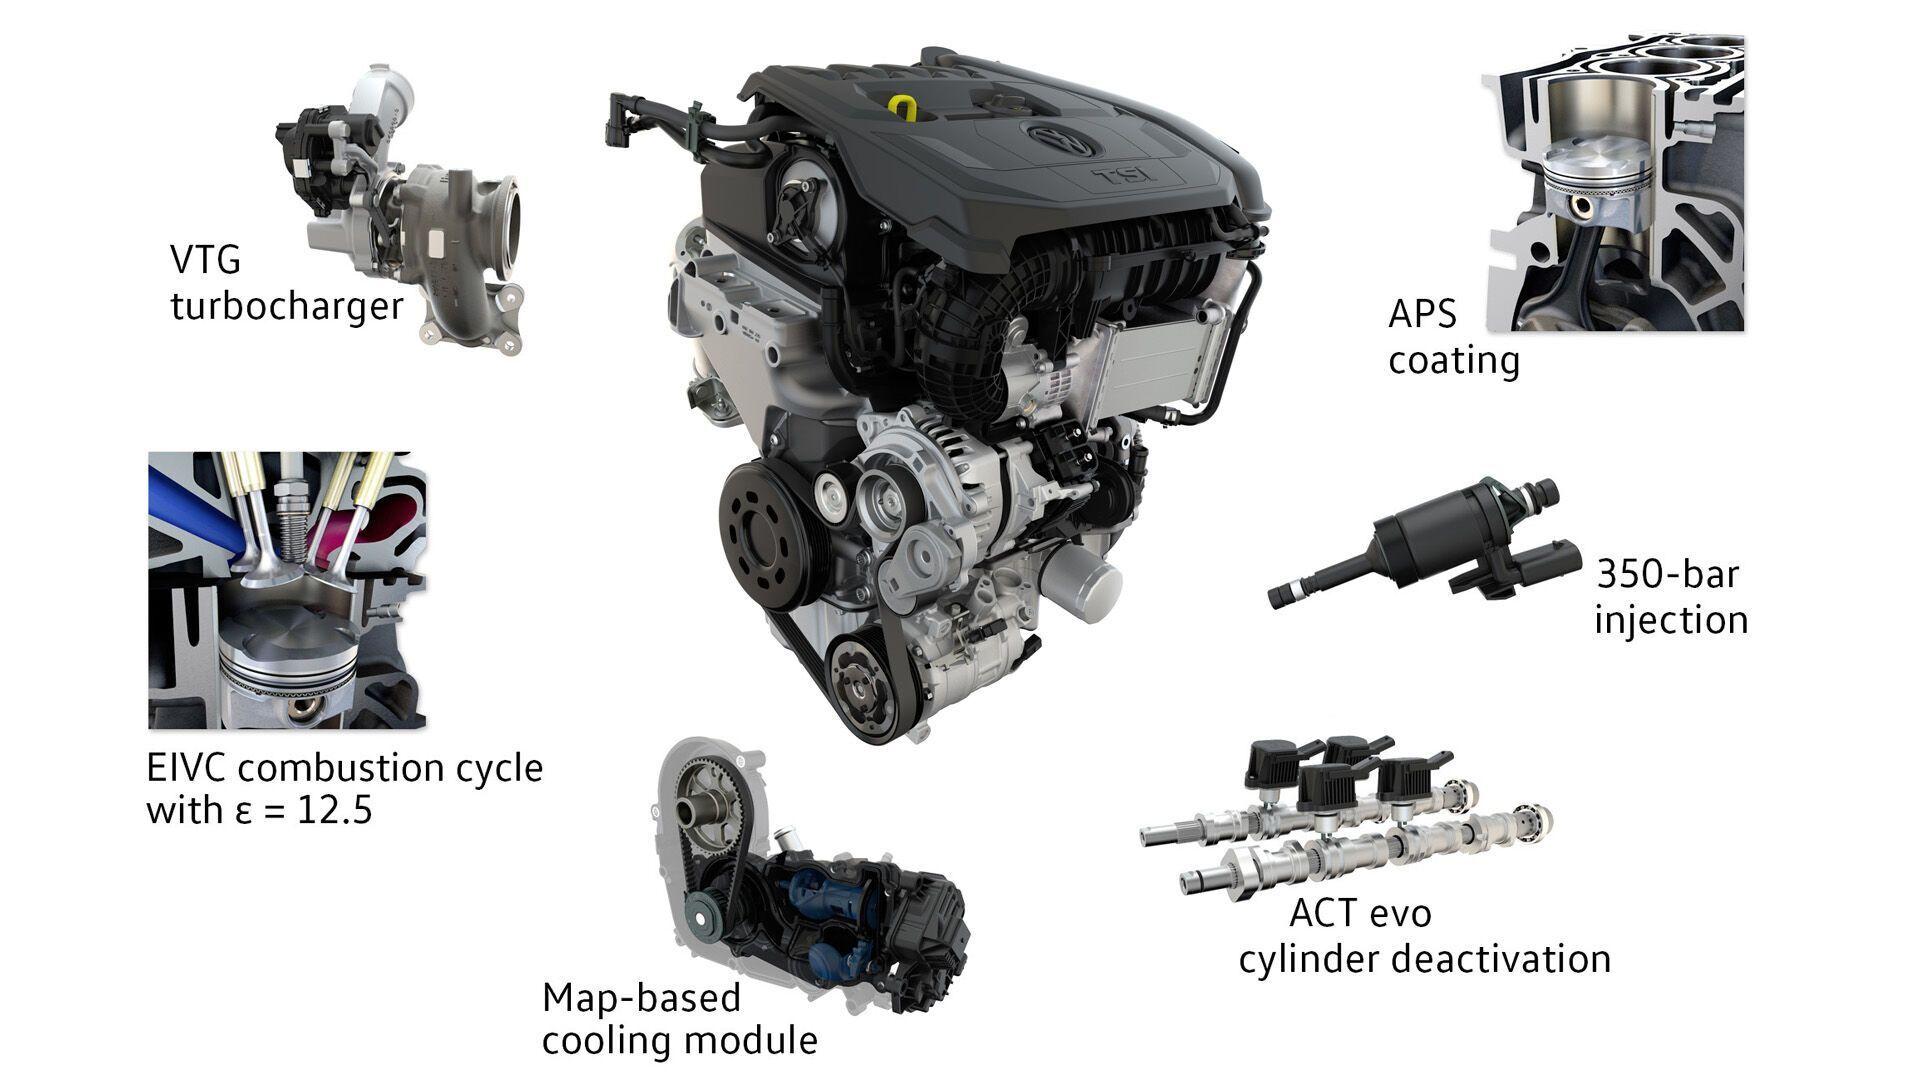 В двигателе нового поколения использован целый ряд инновационных решений: система отключение цилиндров АСТ, давление в 350 бар, турбина VGT, легкий алюминиевый картер, напыление на зеркалах цилиндров и т.д.